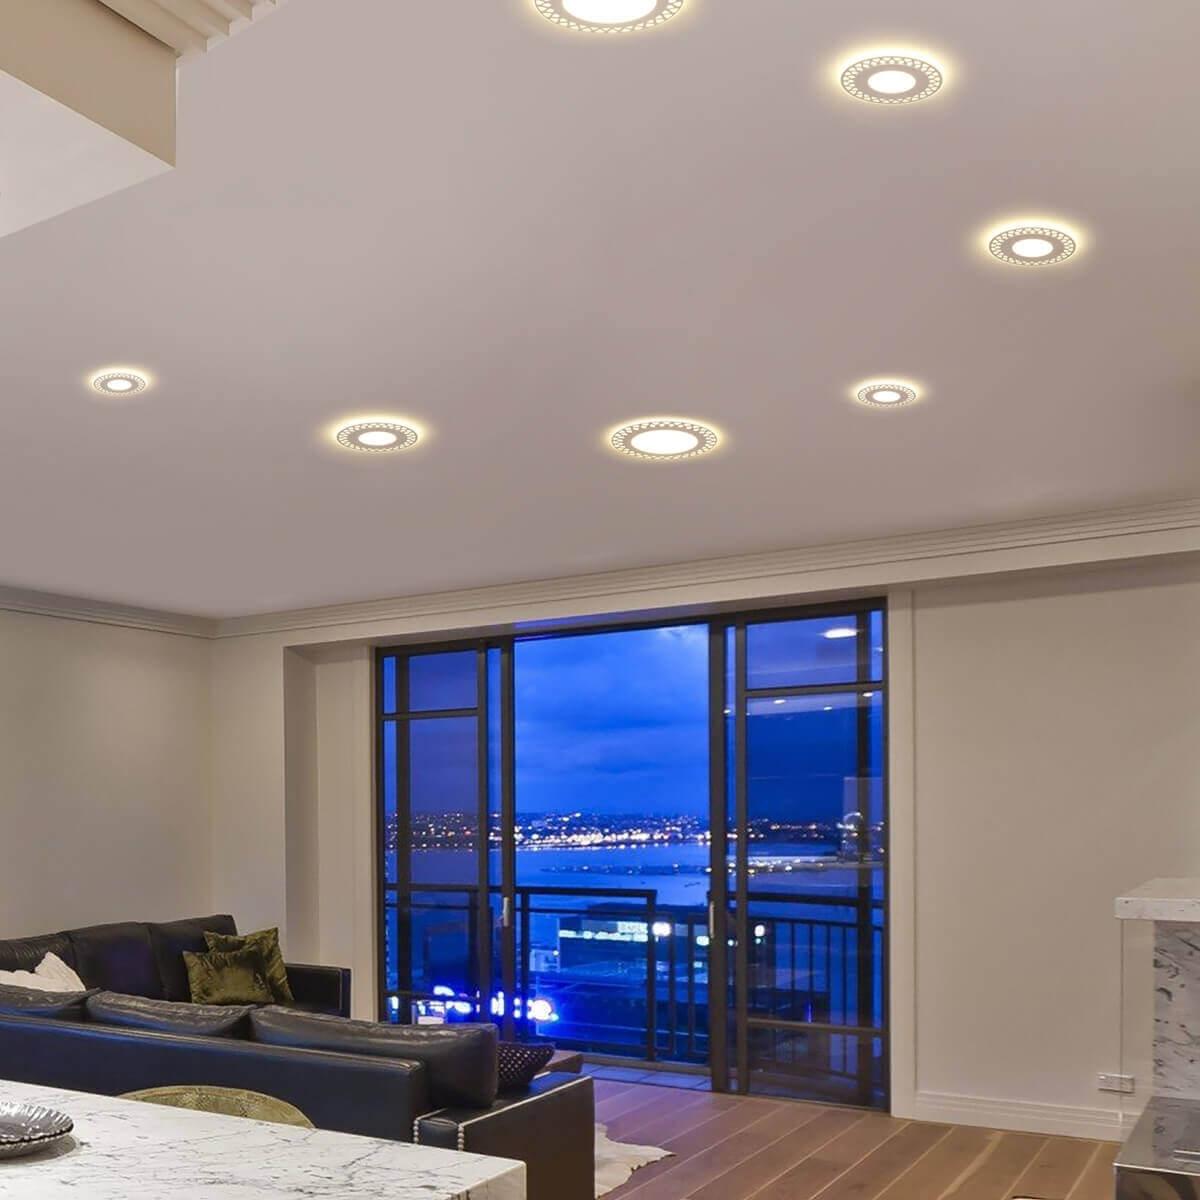 варианты освещения подвесных потолков фото первую